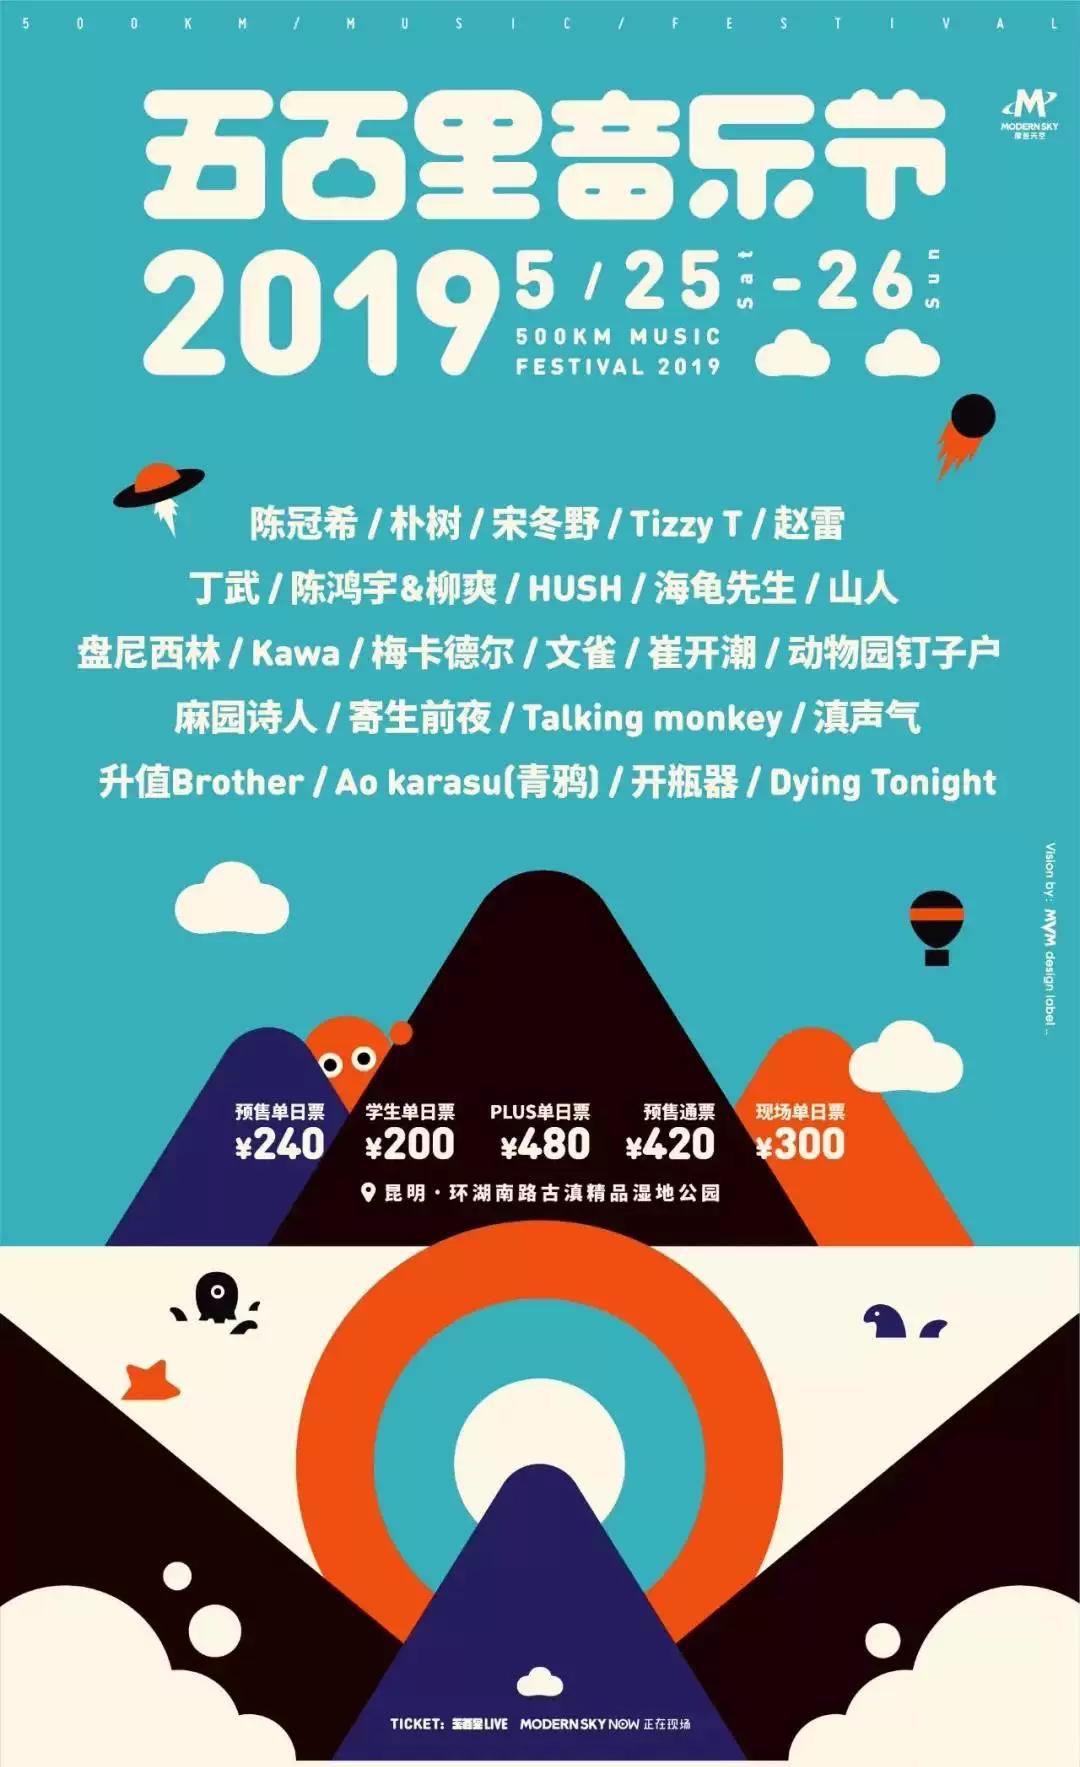 昆明五百里音乐节2019门票价格、时间、演出详情